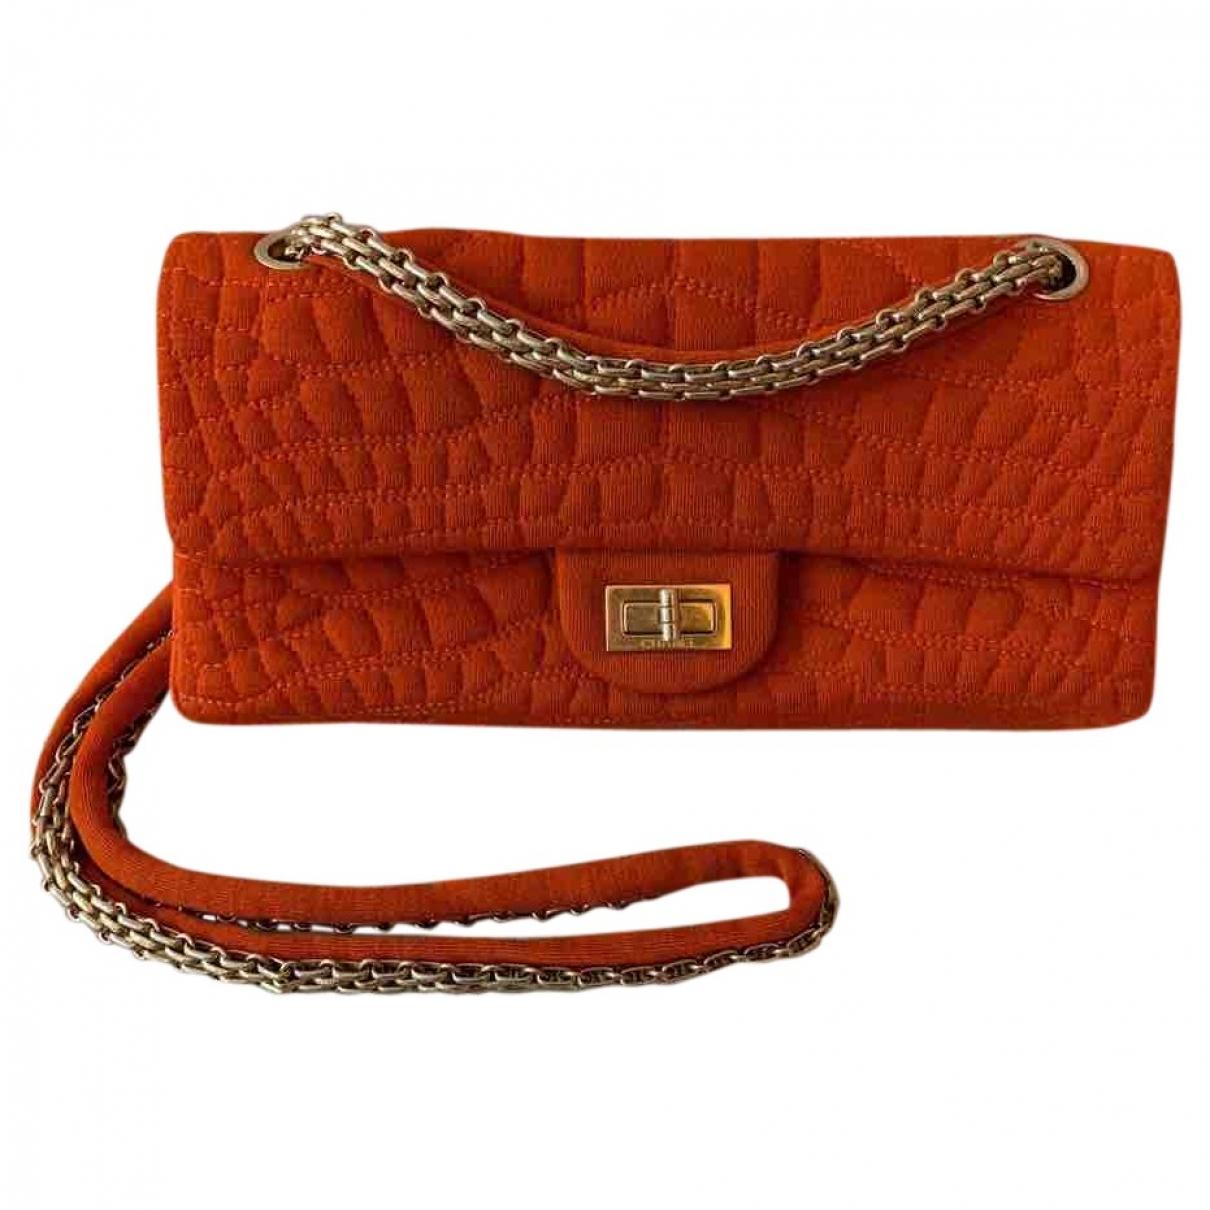 Chanel 2.55 Handtasche in  Rot Baumwolle